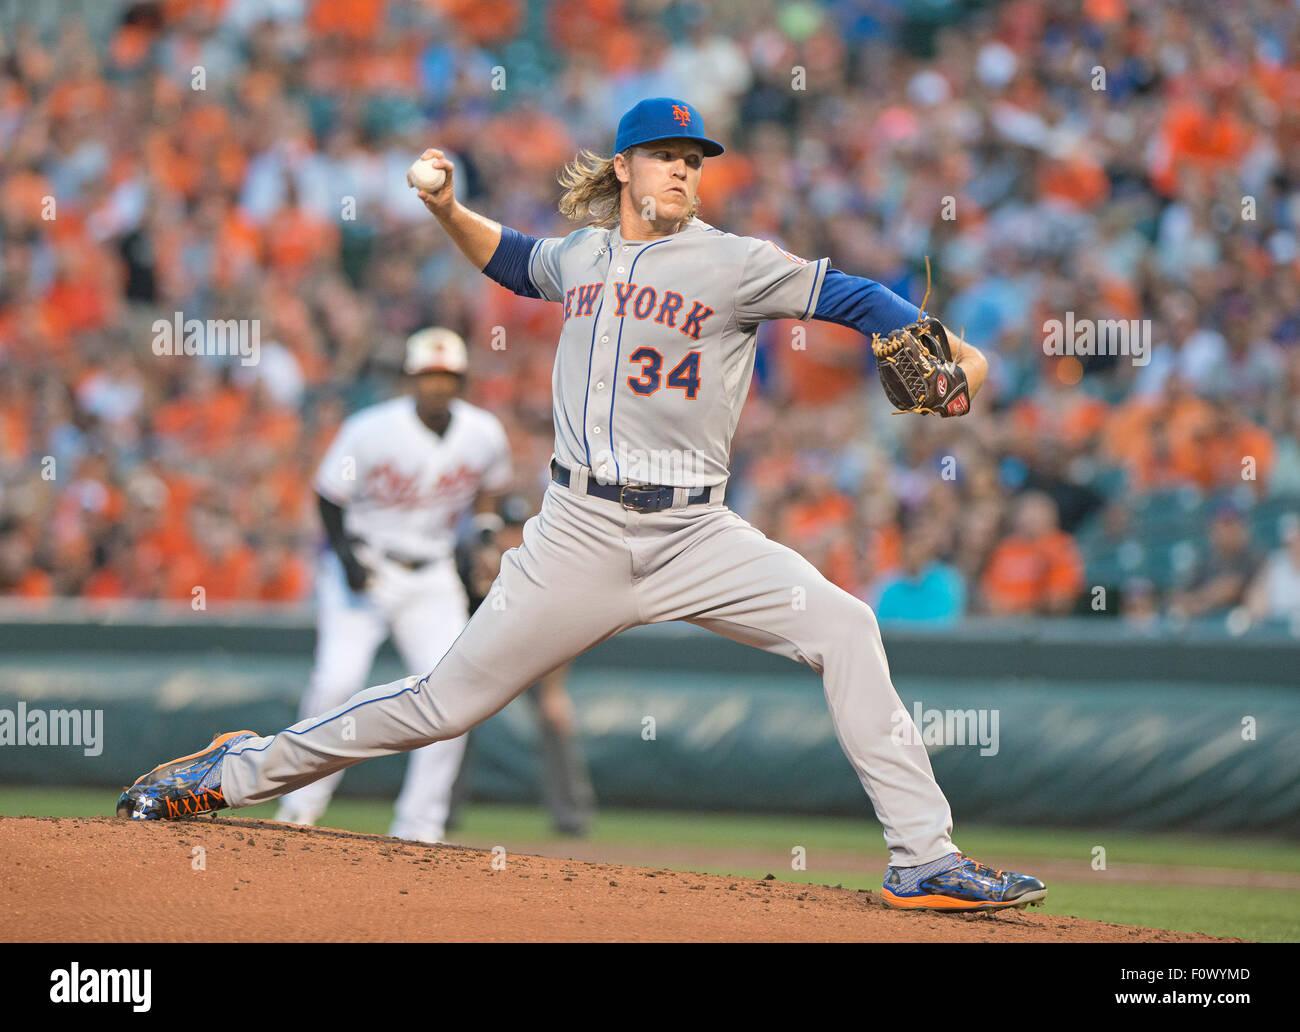 New York Mets a partire lanciatore Noè Syndergaard (34) funziona nel primo inning contro i Baltimore Orioles Immagini Stock